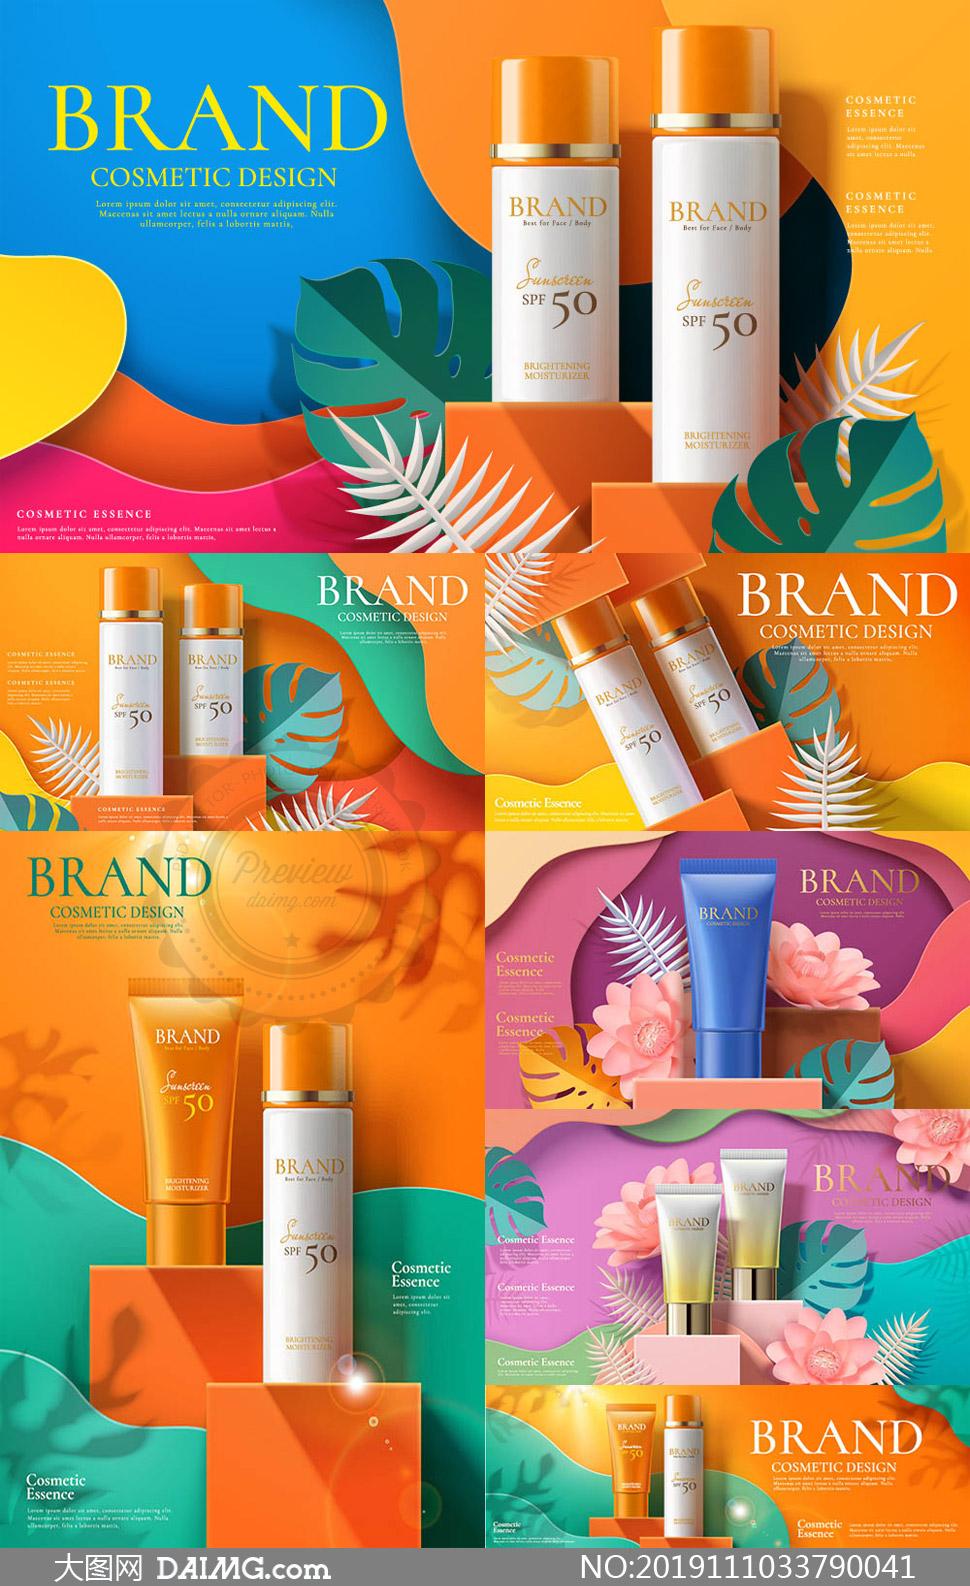 质感防晒产品海报广告设计矢量素材